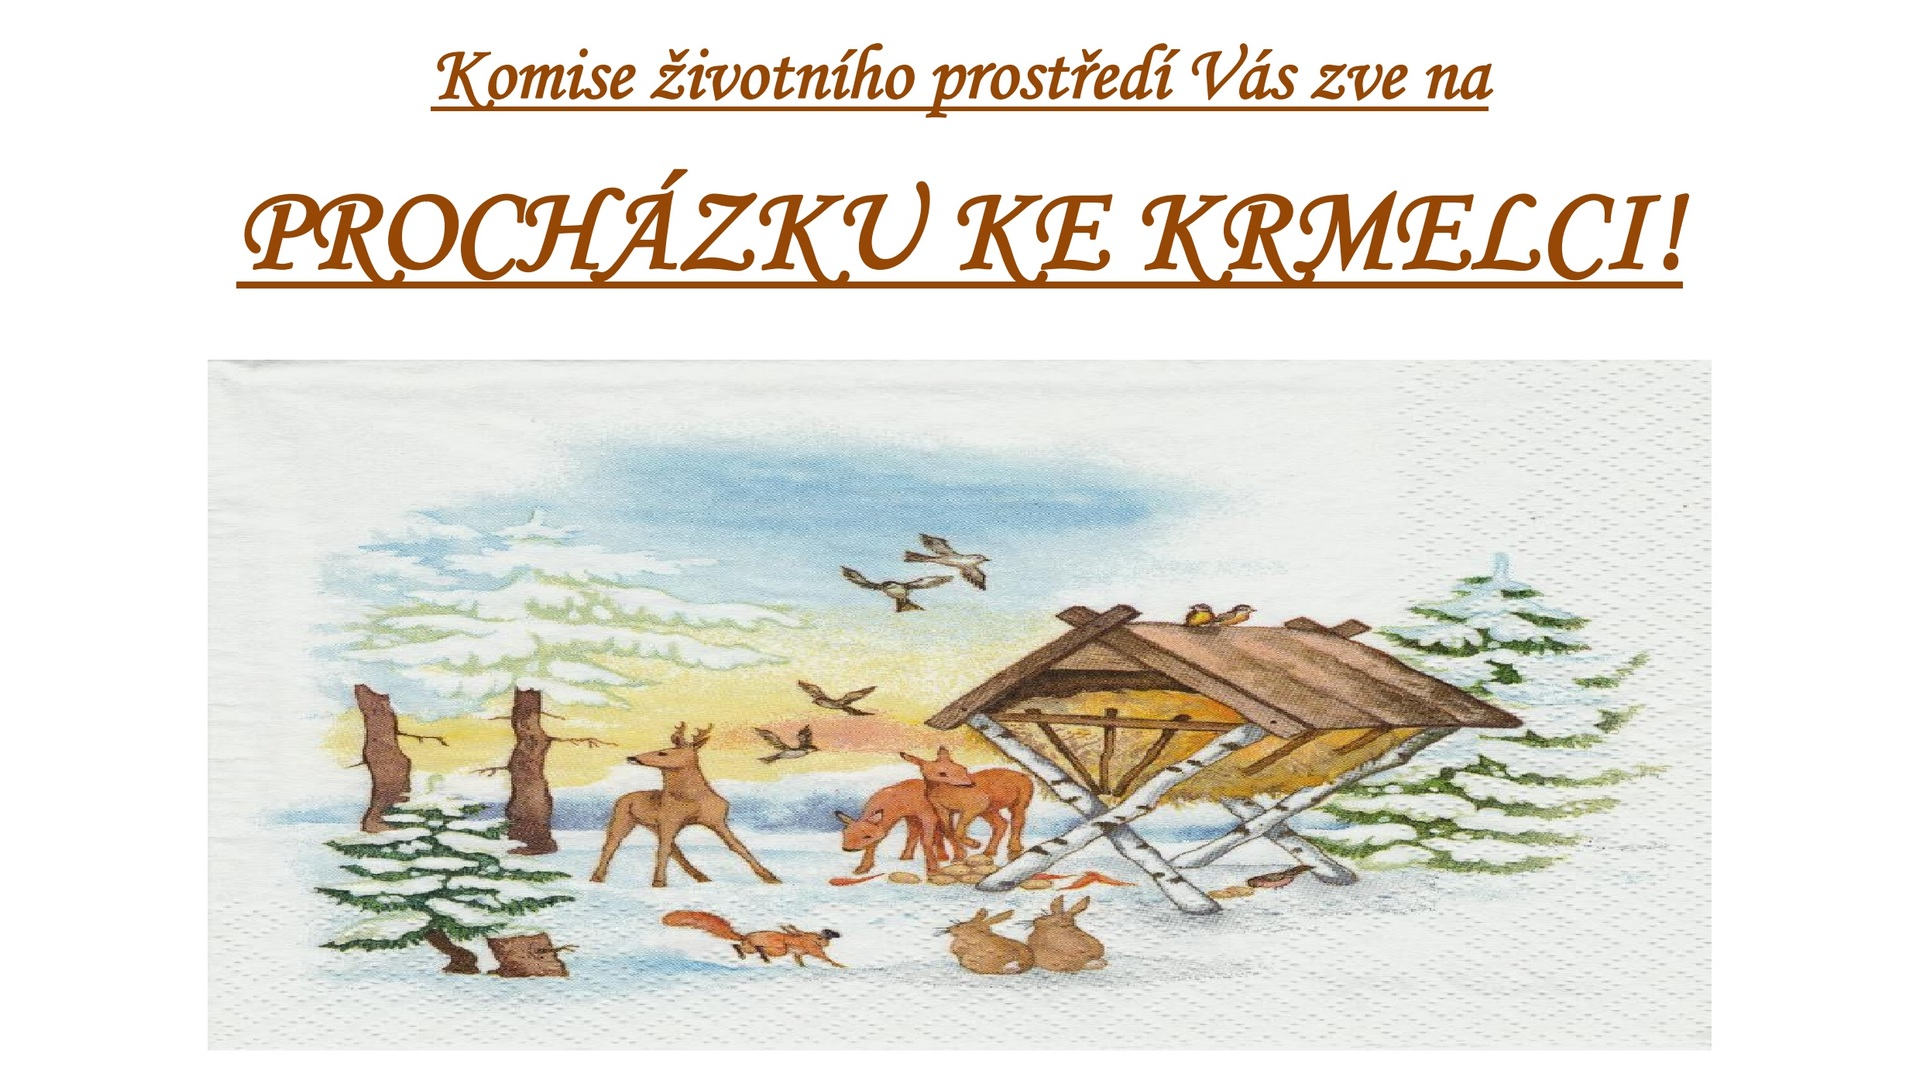 Archiv obce - Procházka ke krmelci - plakát